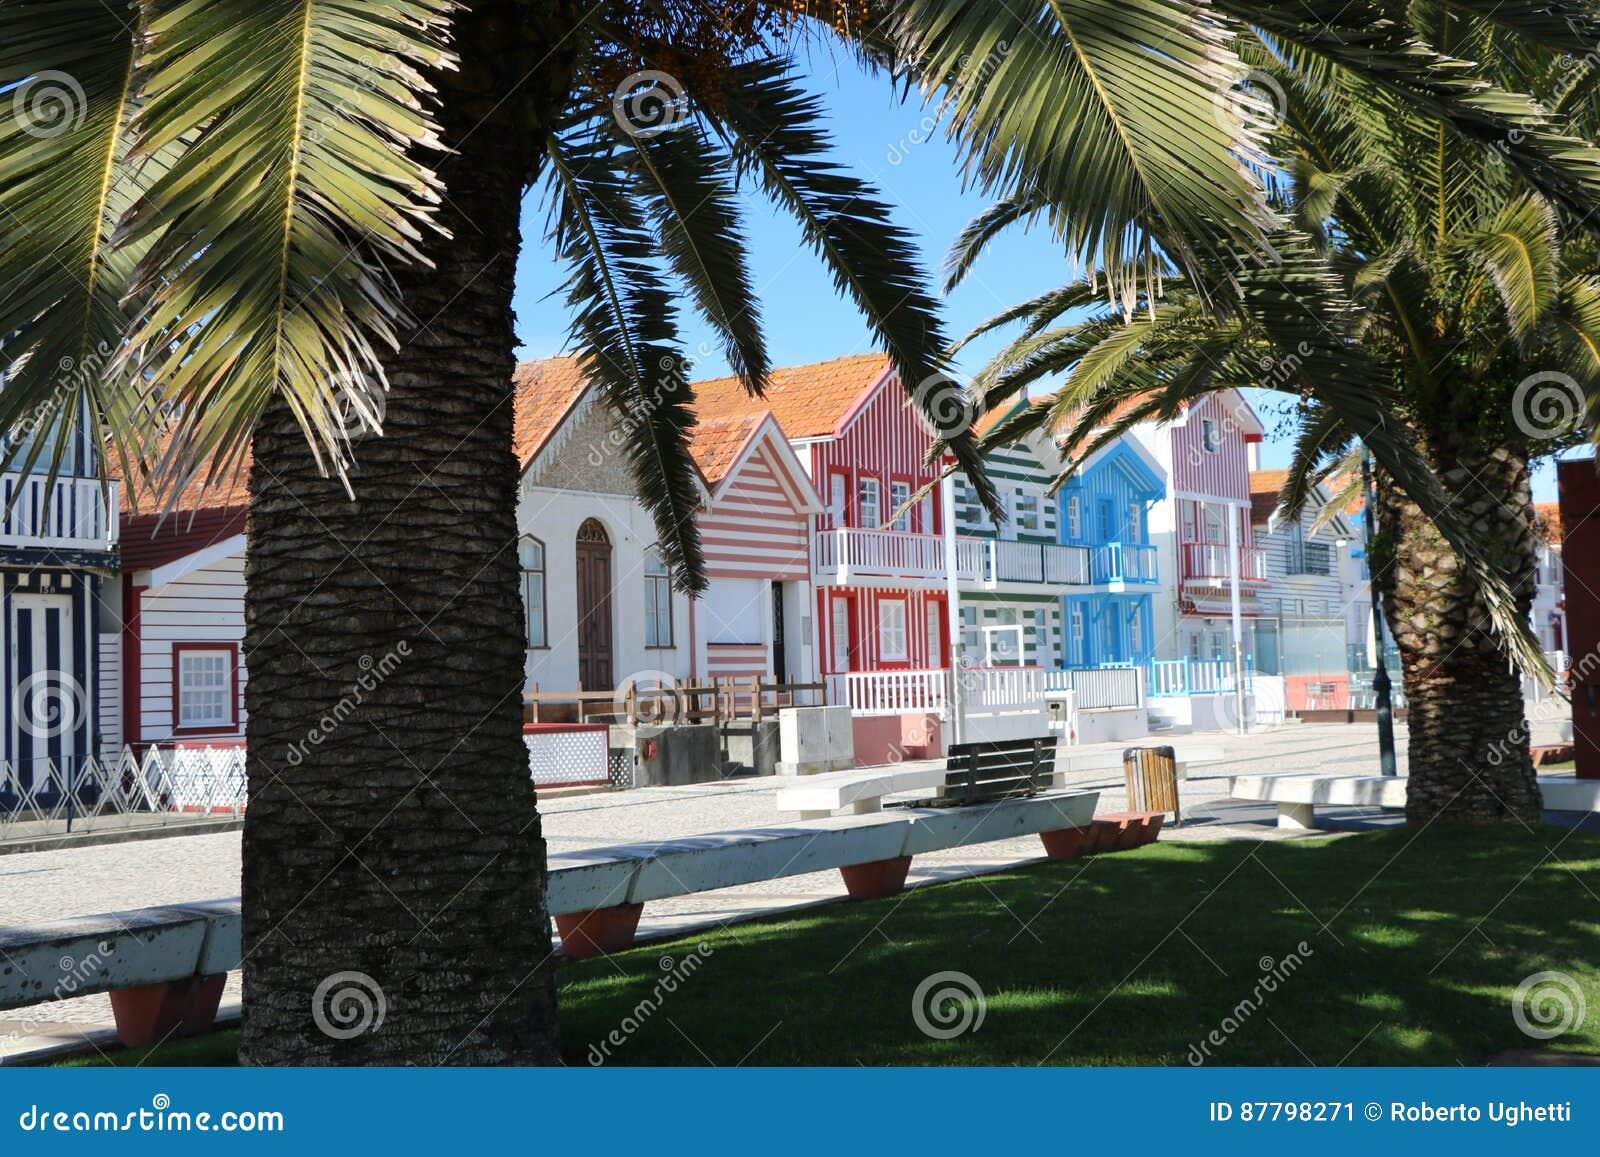 Maisons pittoresques au portugal photo stock image 87798271 for Maison prefabriquee au portugal